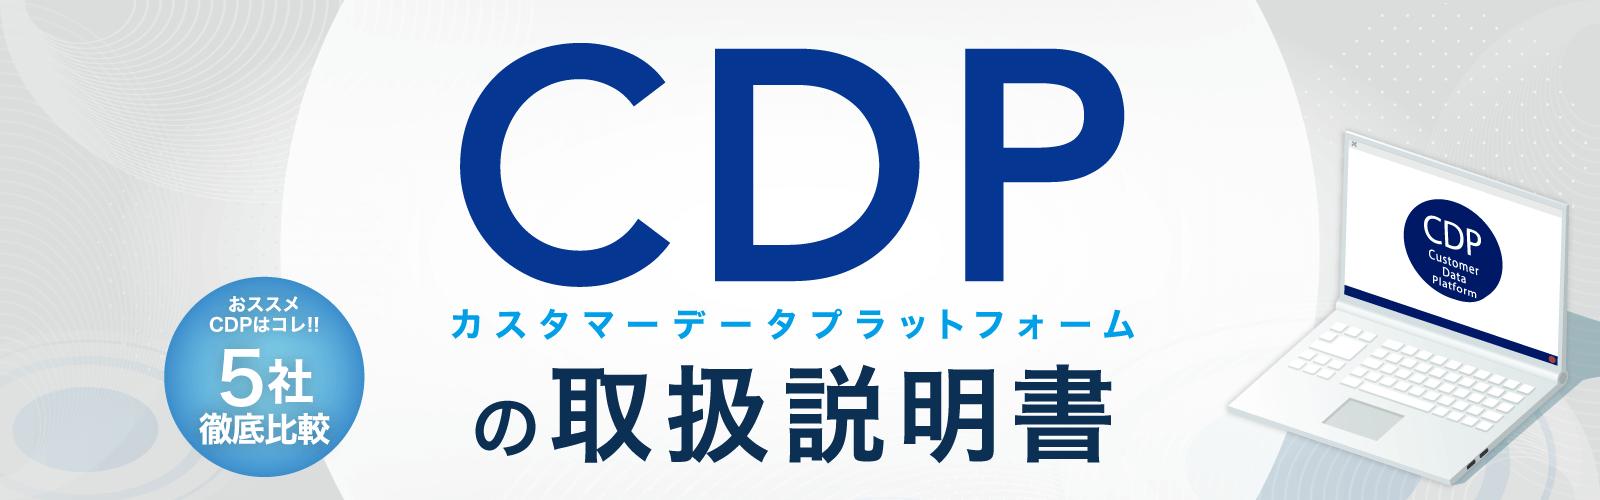 CDPの取扱説明書